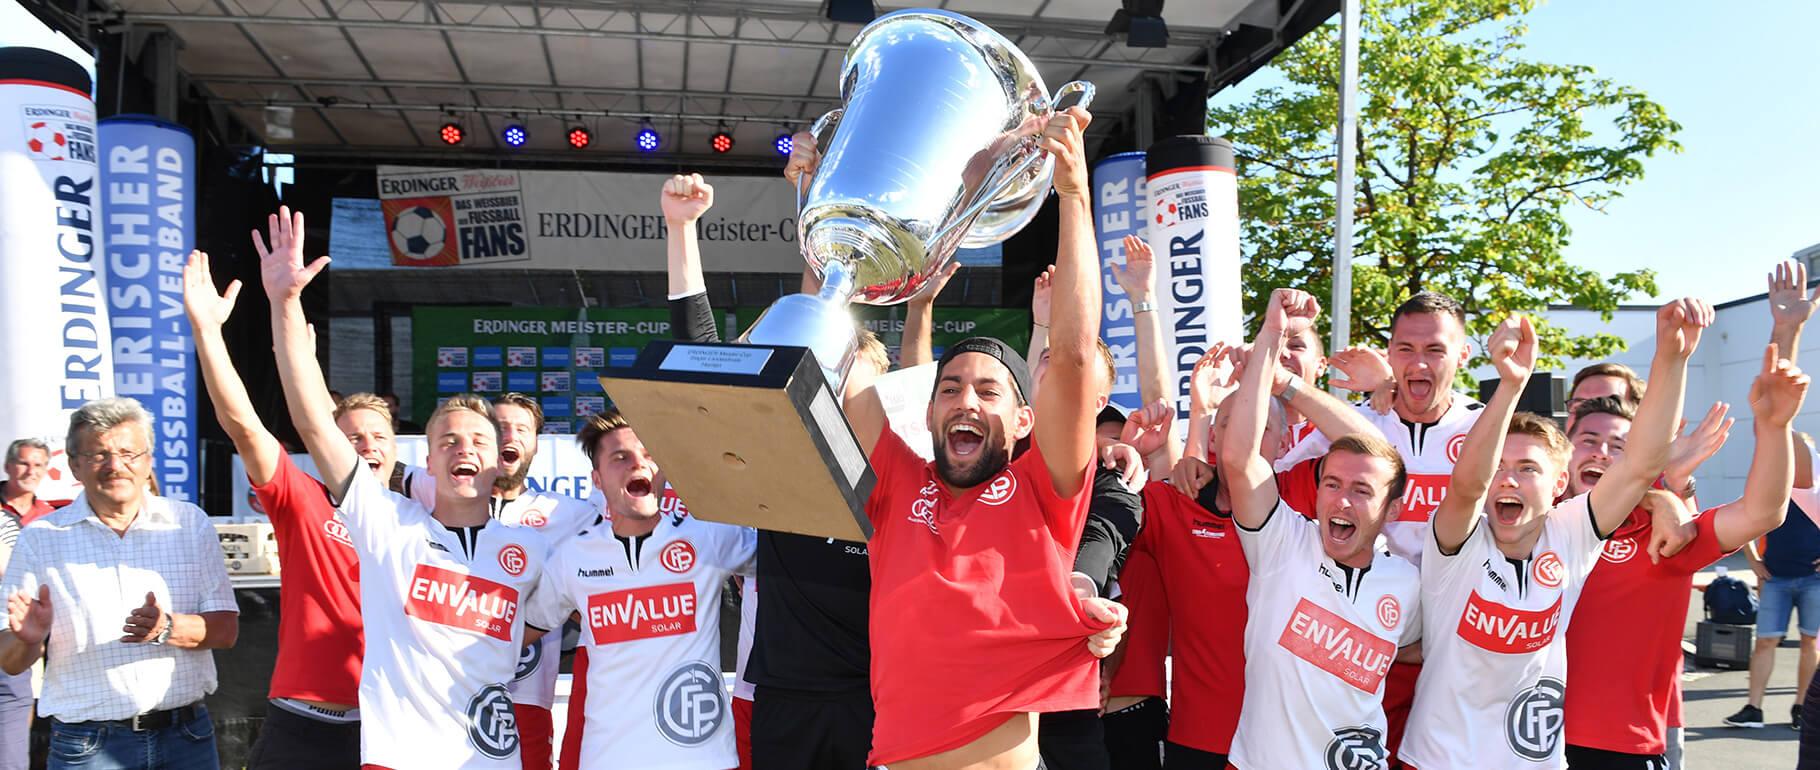 Der ERDINGER Meister-Cup 2019